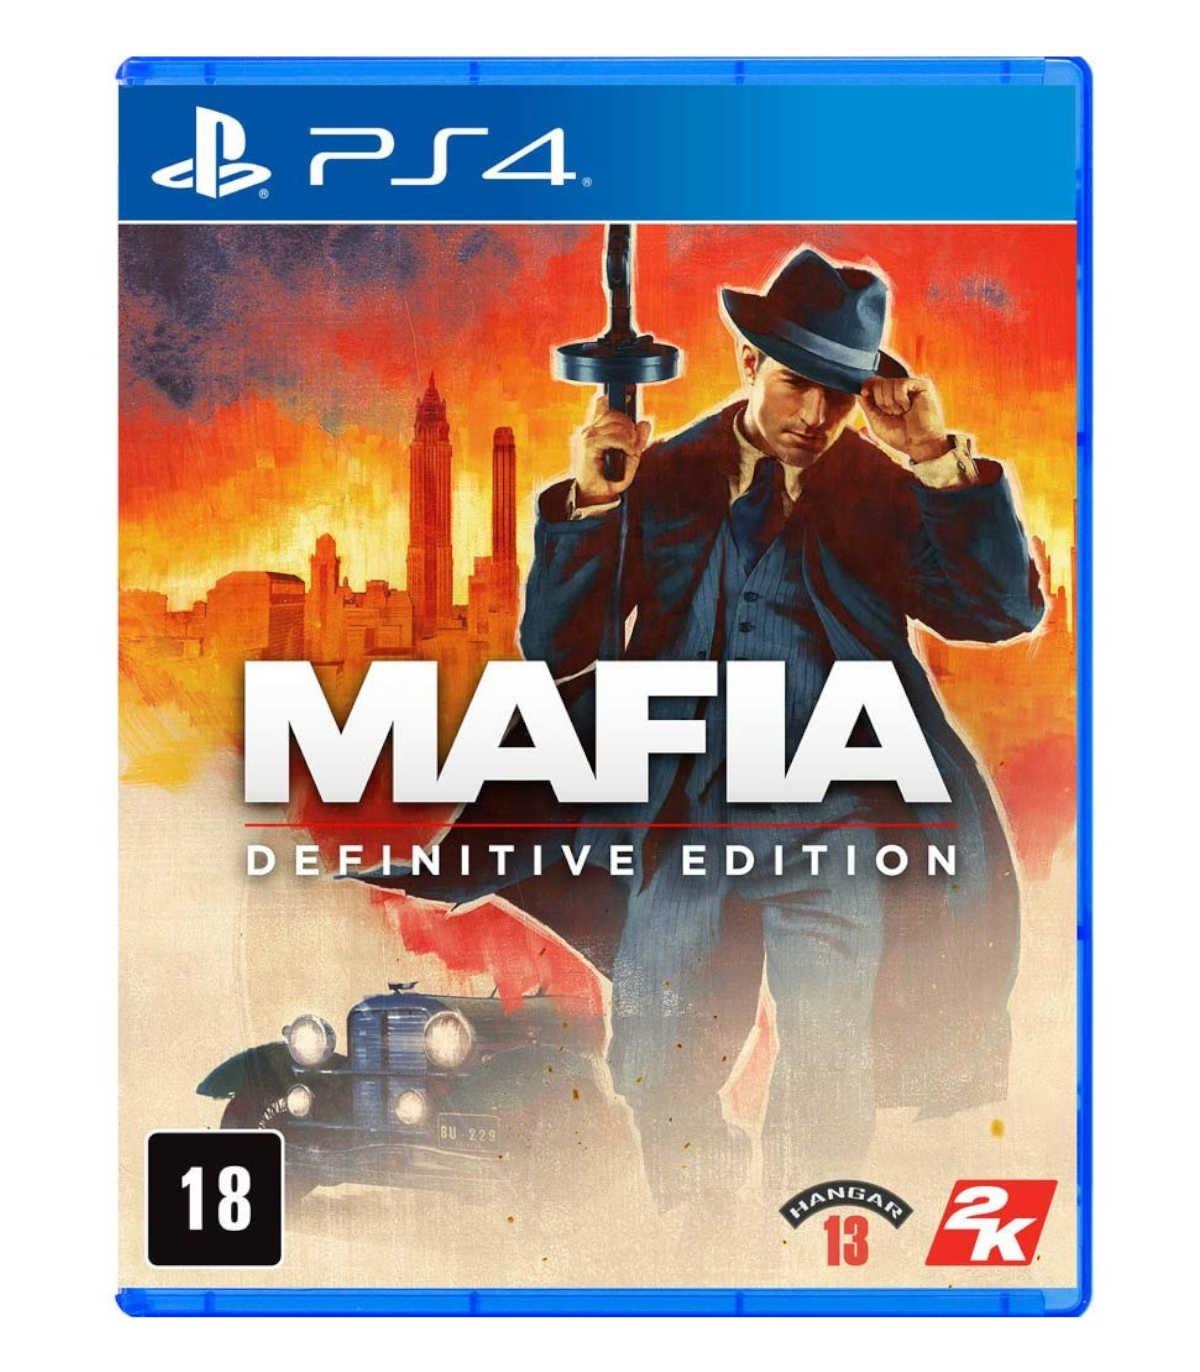 بازی Mafia: Definitive Edition - پلی استیشن 4